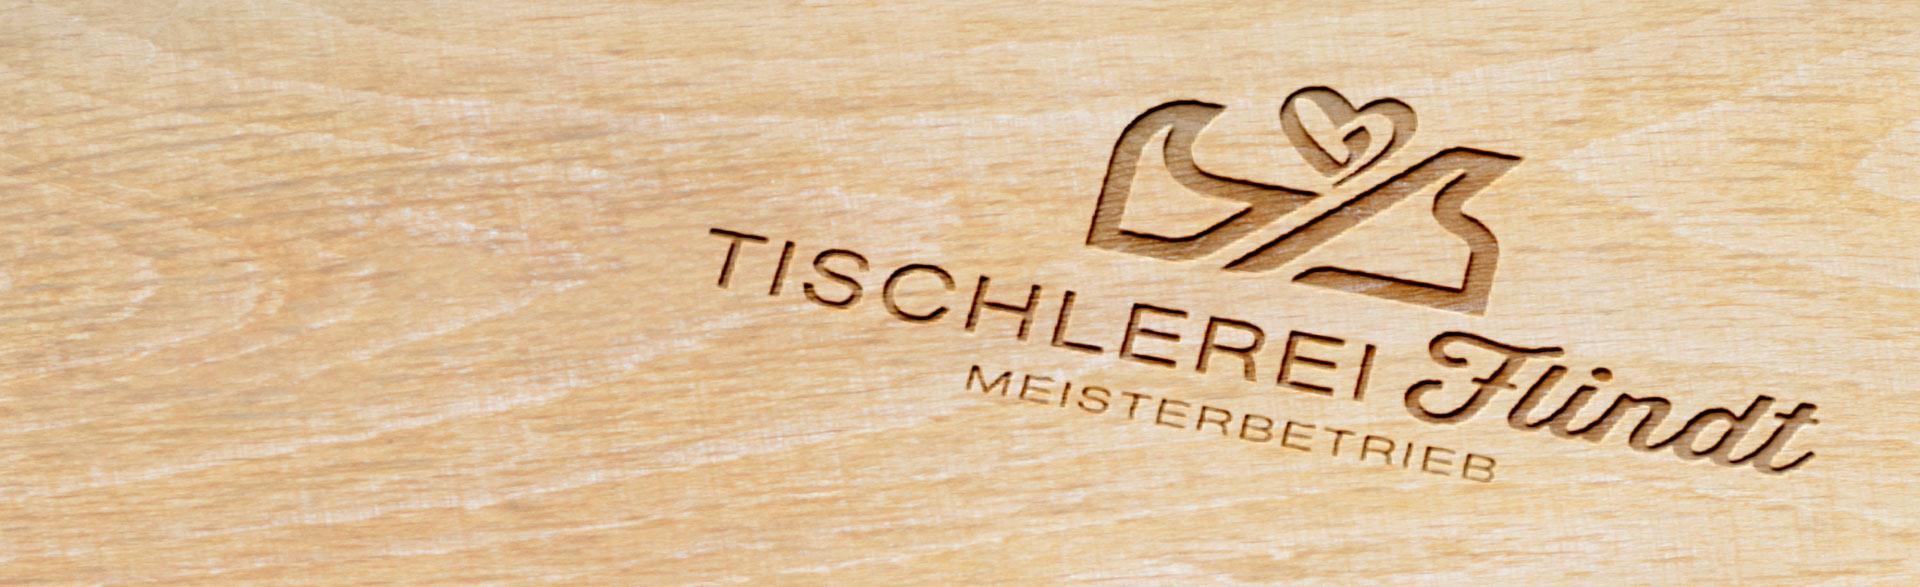 Logo Tischlerei Flindt Meisterbetrieb eingebrannt auf einem Stück Holz